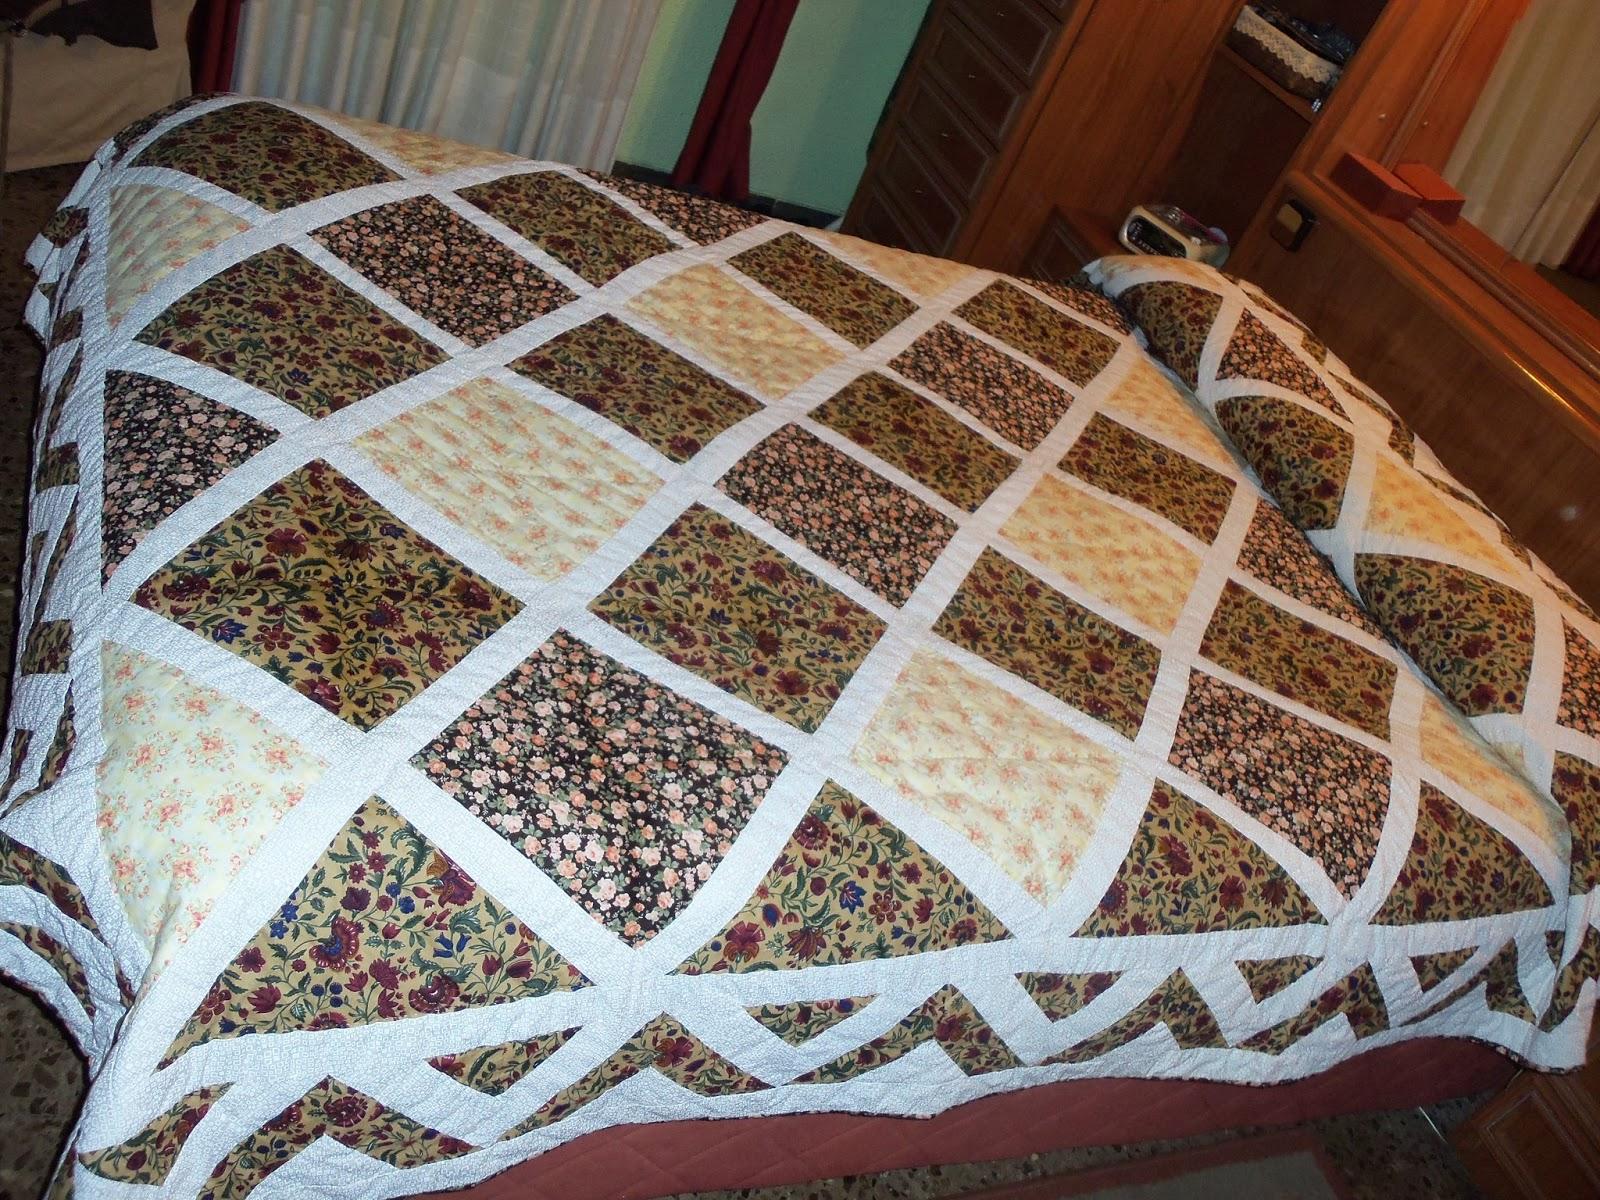 Blog mone abril 2013 - Colchas de patchwork modernas ...